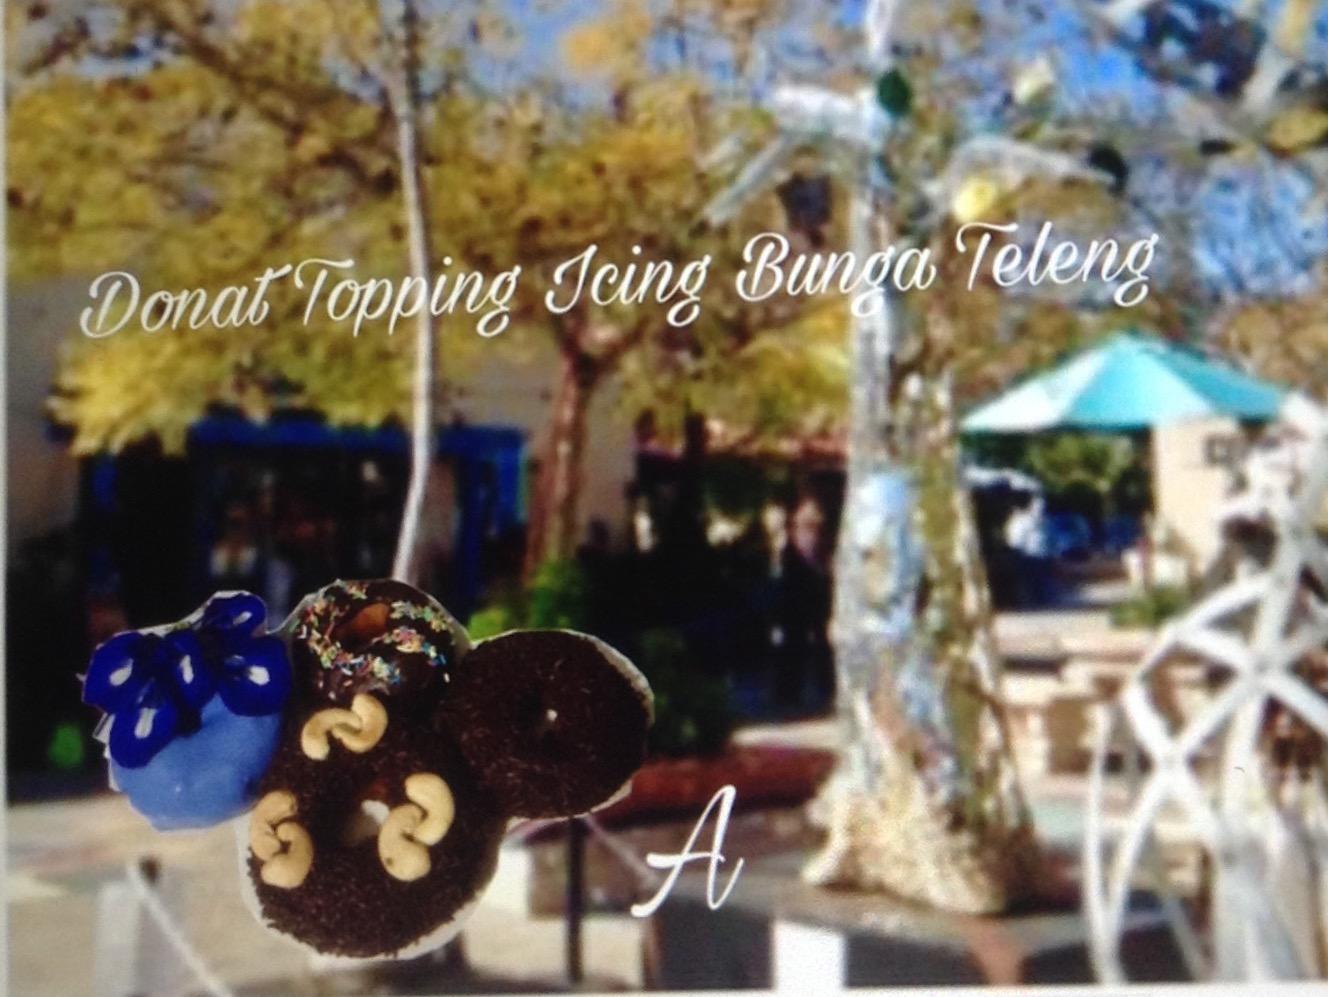 Resep Donat Topping Icing Bunga Teleng